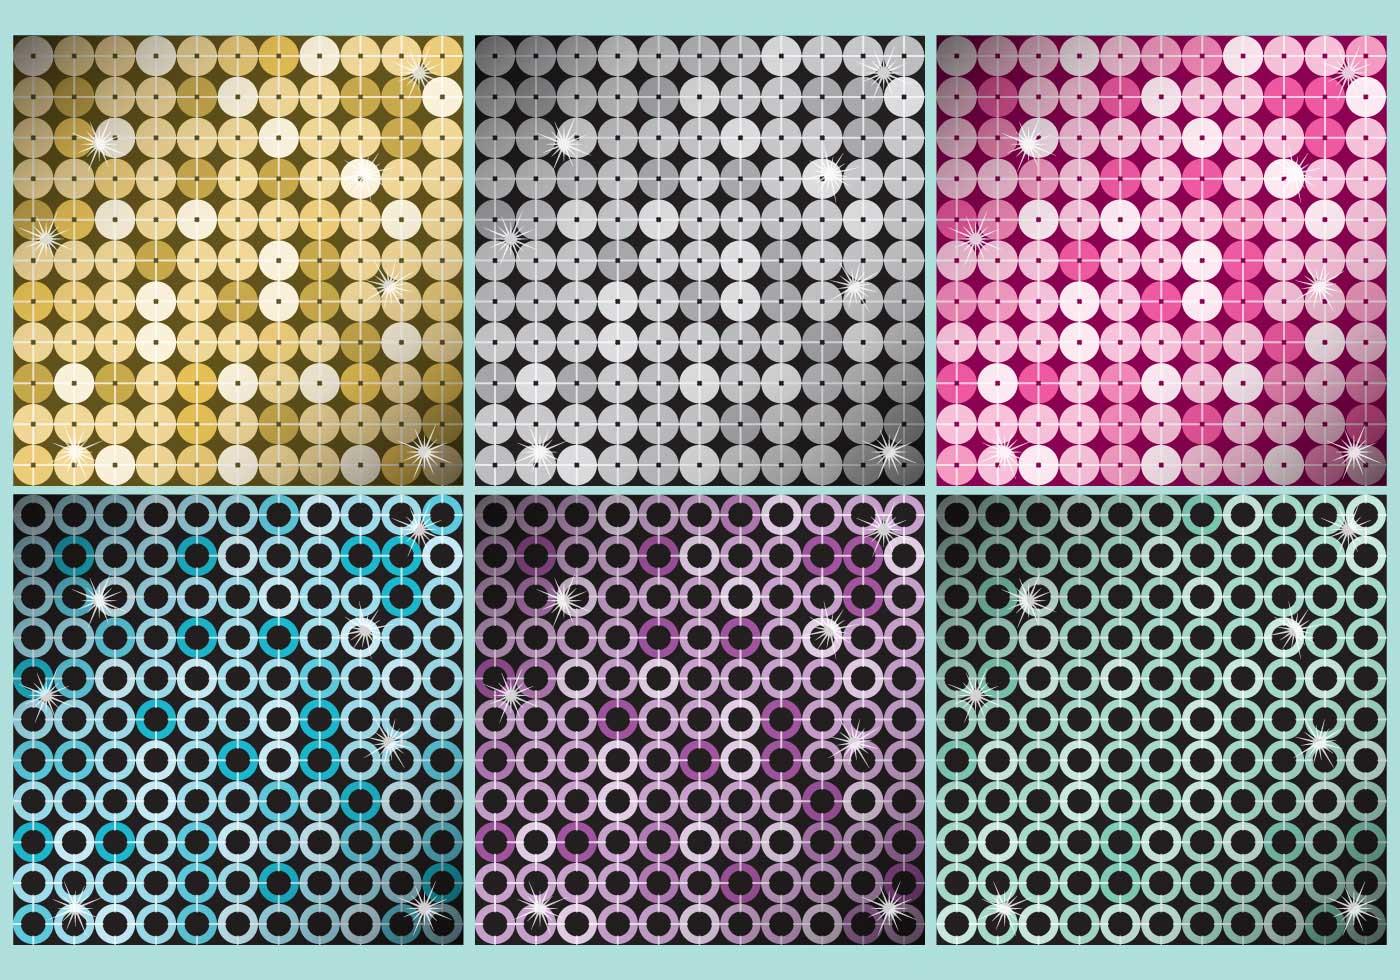 sequin pattern vectors download free vector art stock